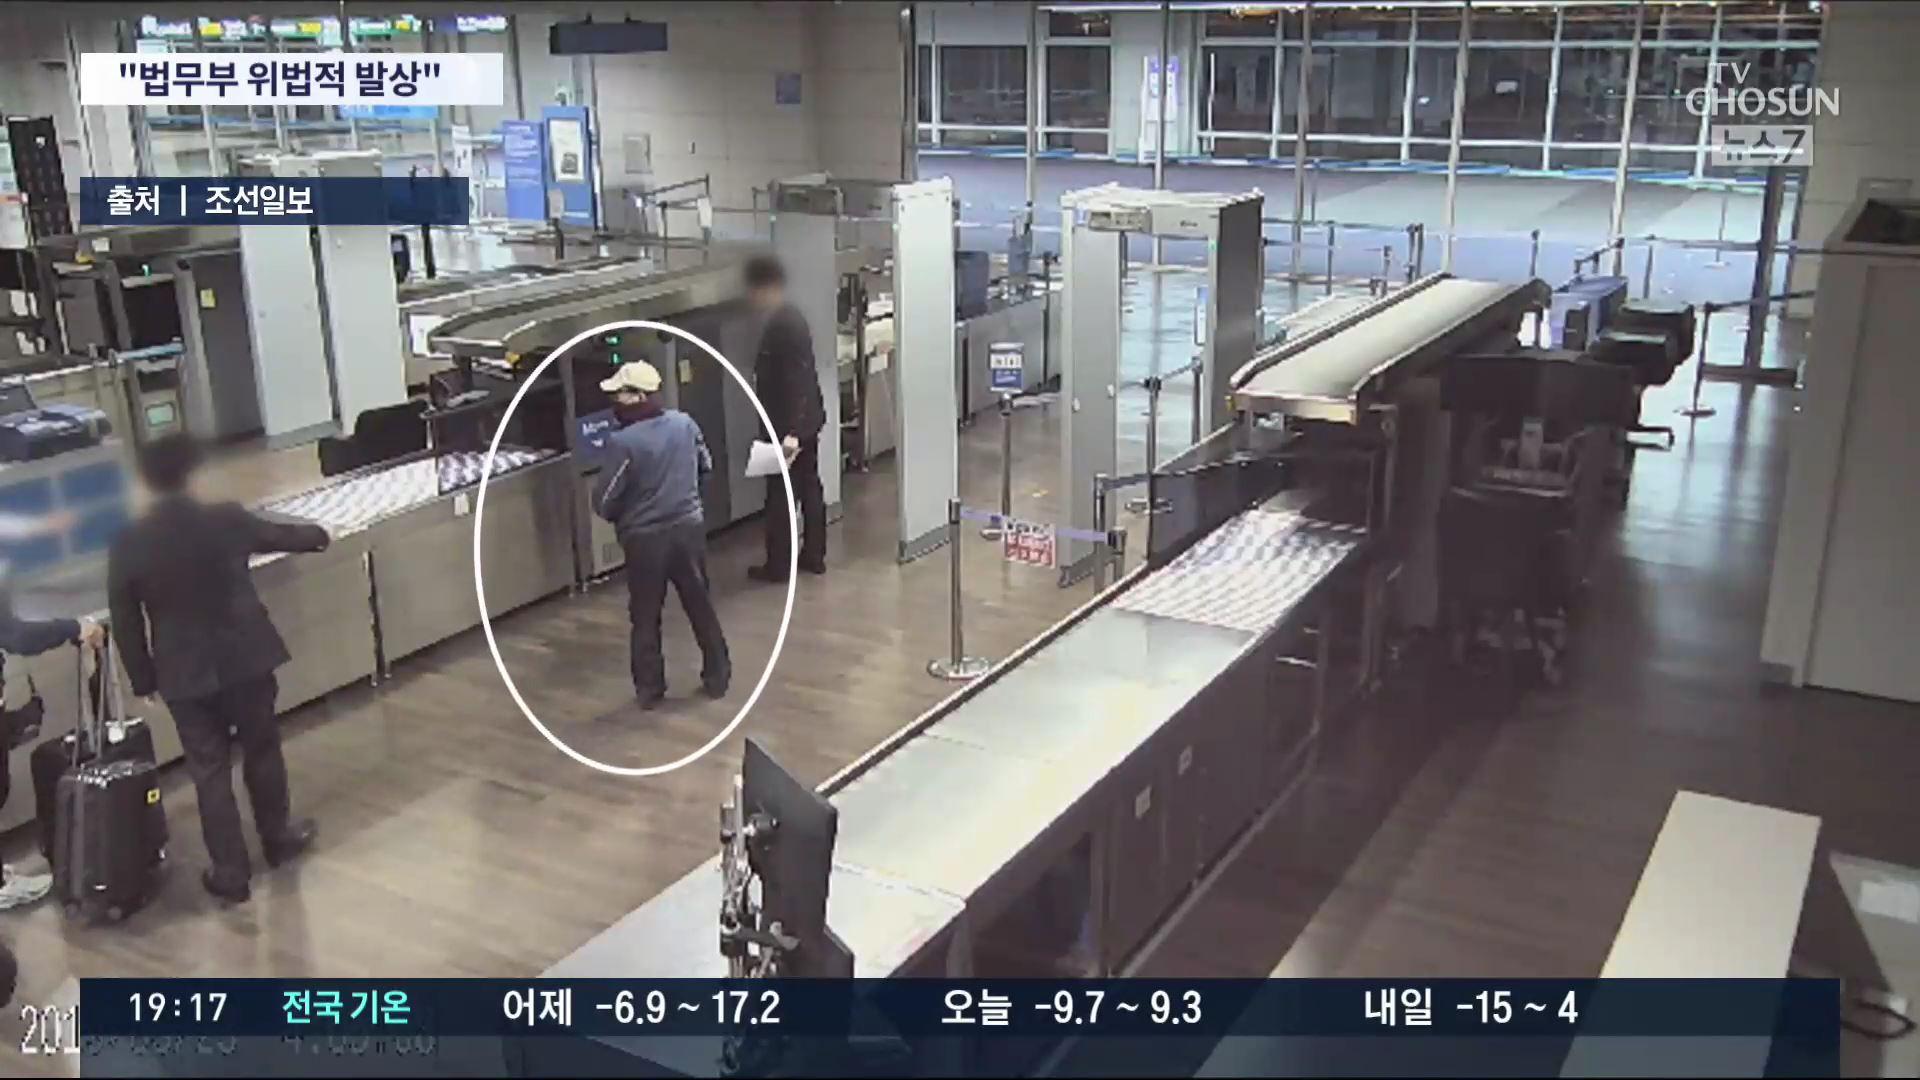 법무부 ''김학의 출금' 논란, 법리오해'…법조계 '앞뒤 안맞는 논리'